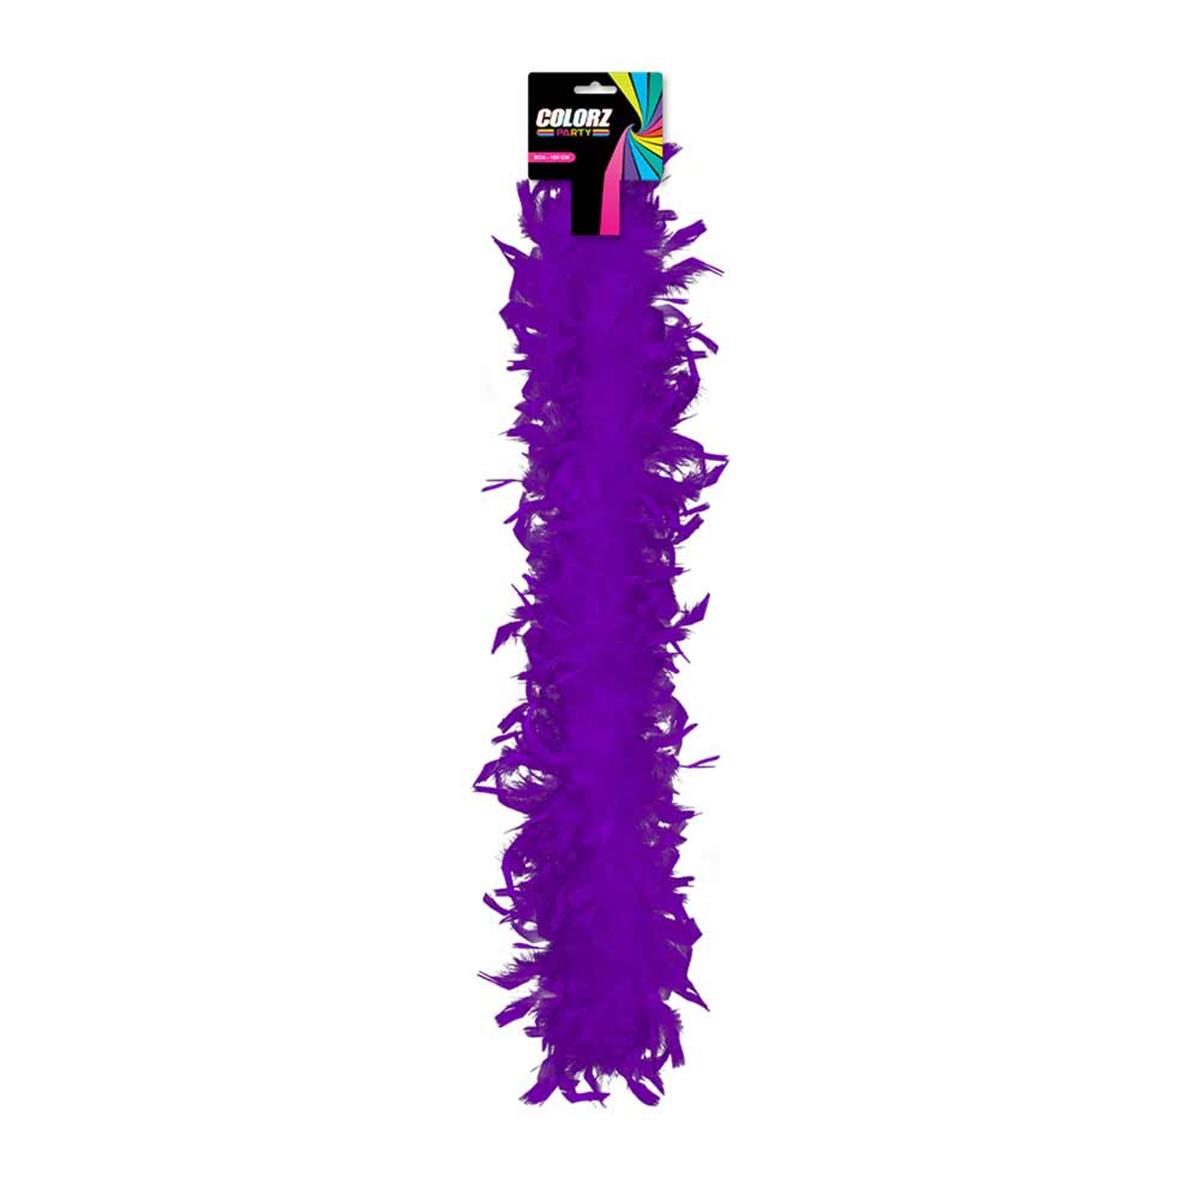 Boa \'Coloriage\' violet - 185 cm - [R2091]